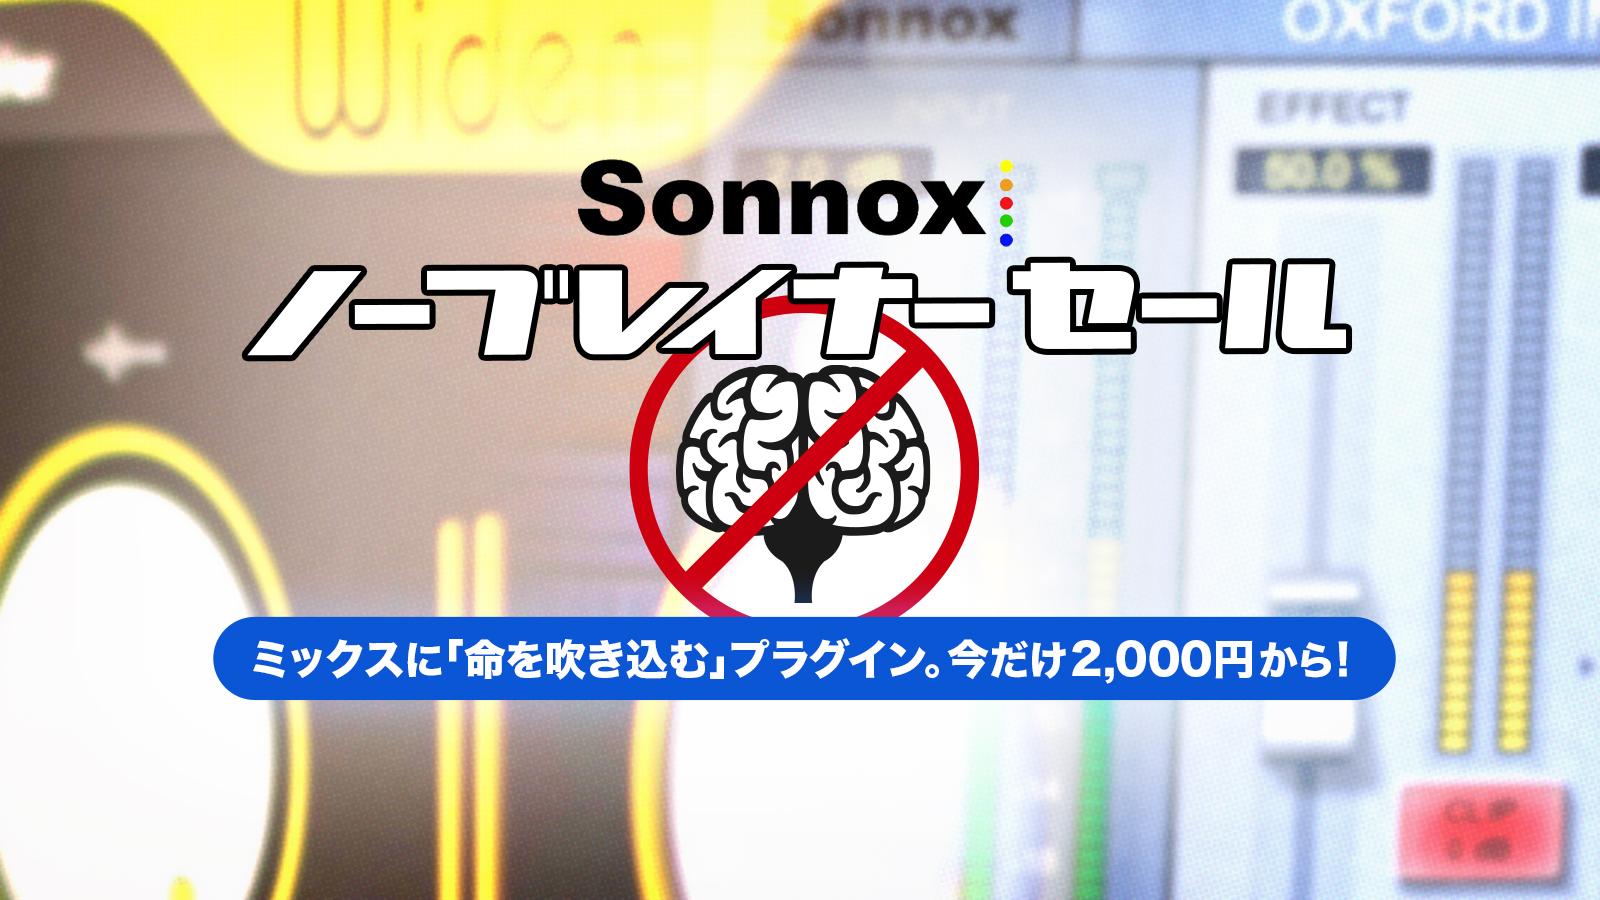 ミックスに「命を吹き込む」Sonnoxプラグイン2種を特別価格で。MIオンラインストア・ノーブレイナーセール!